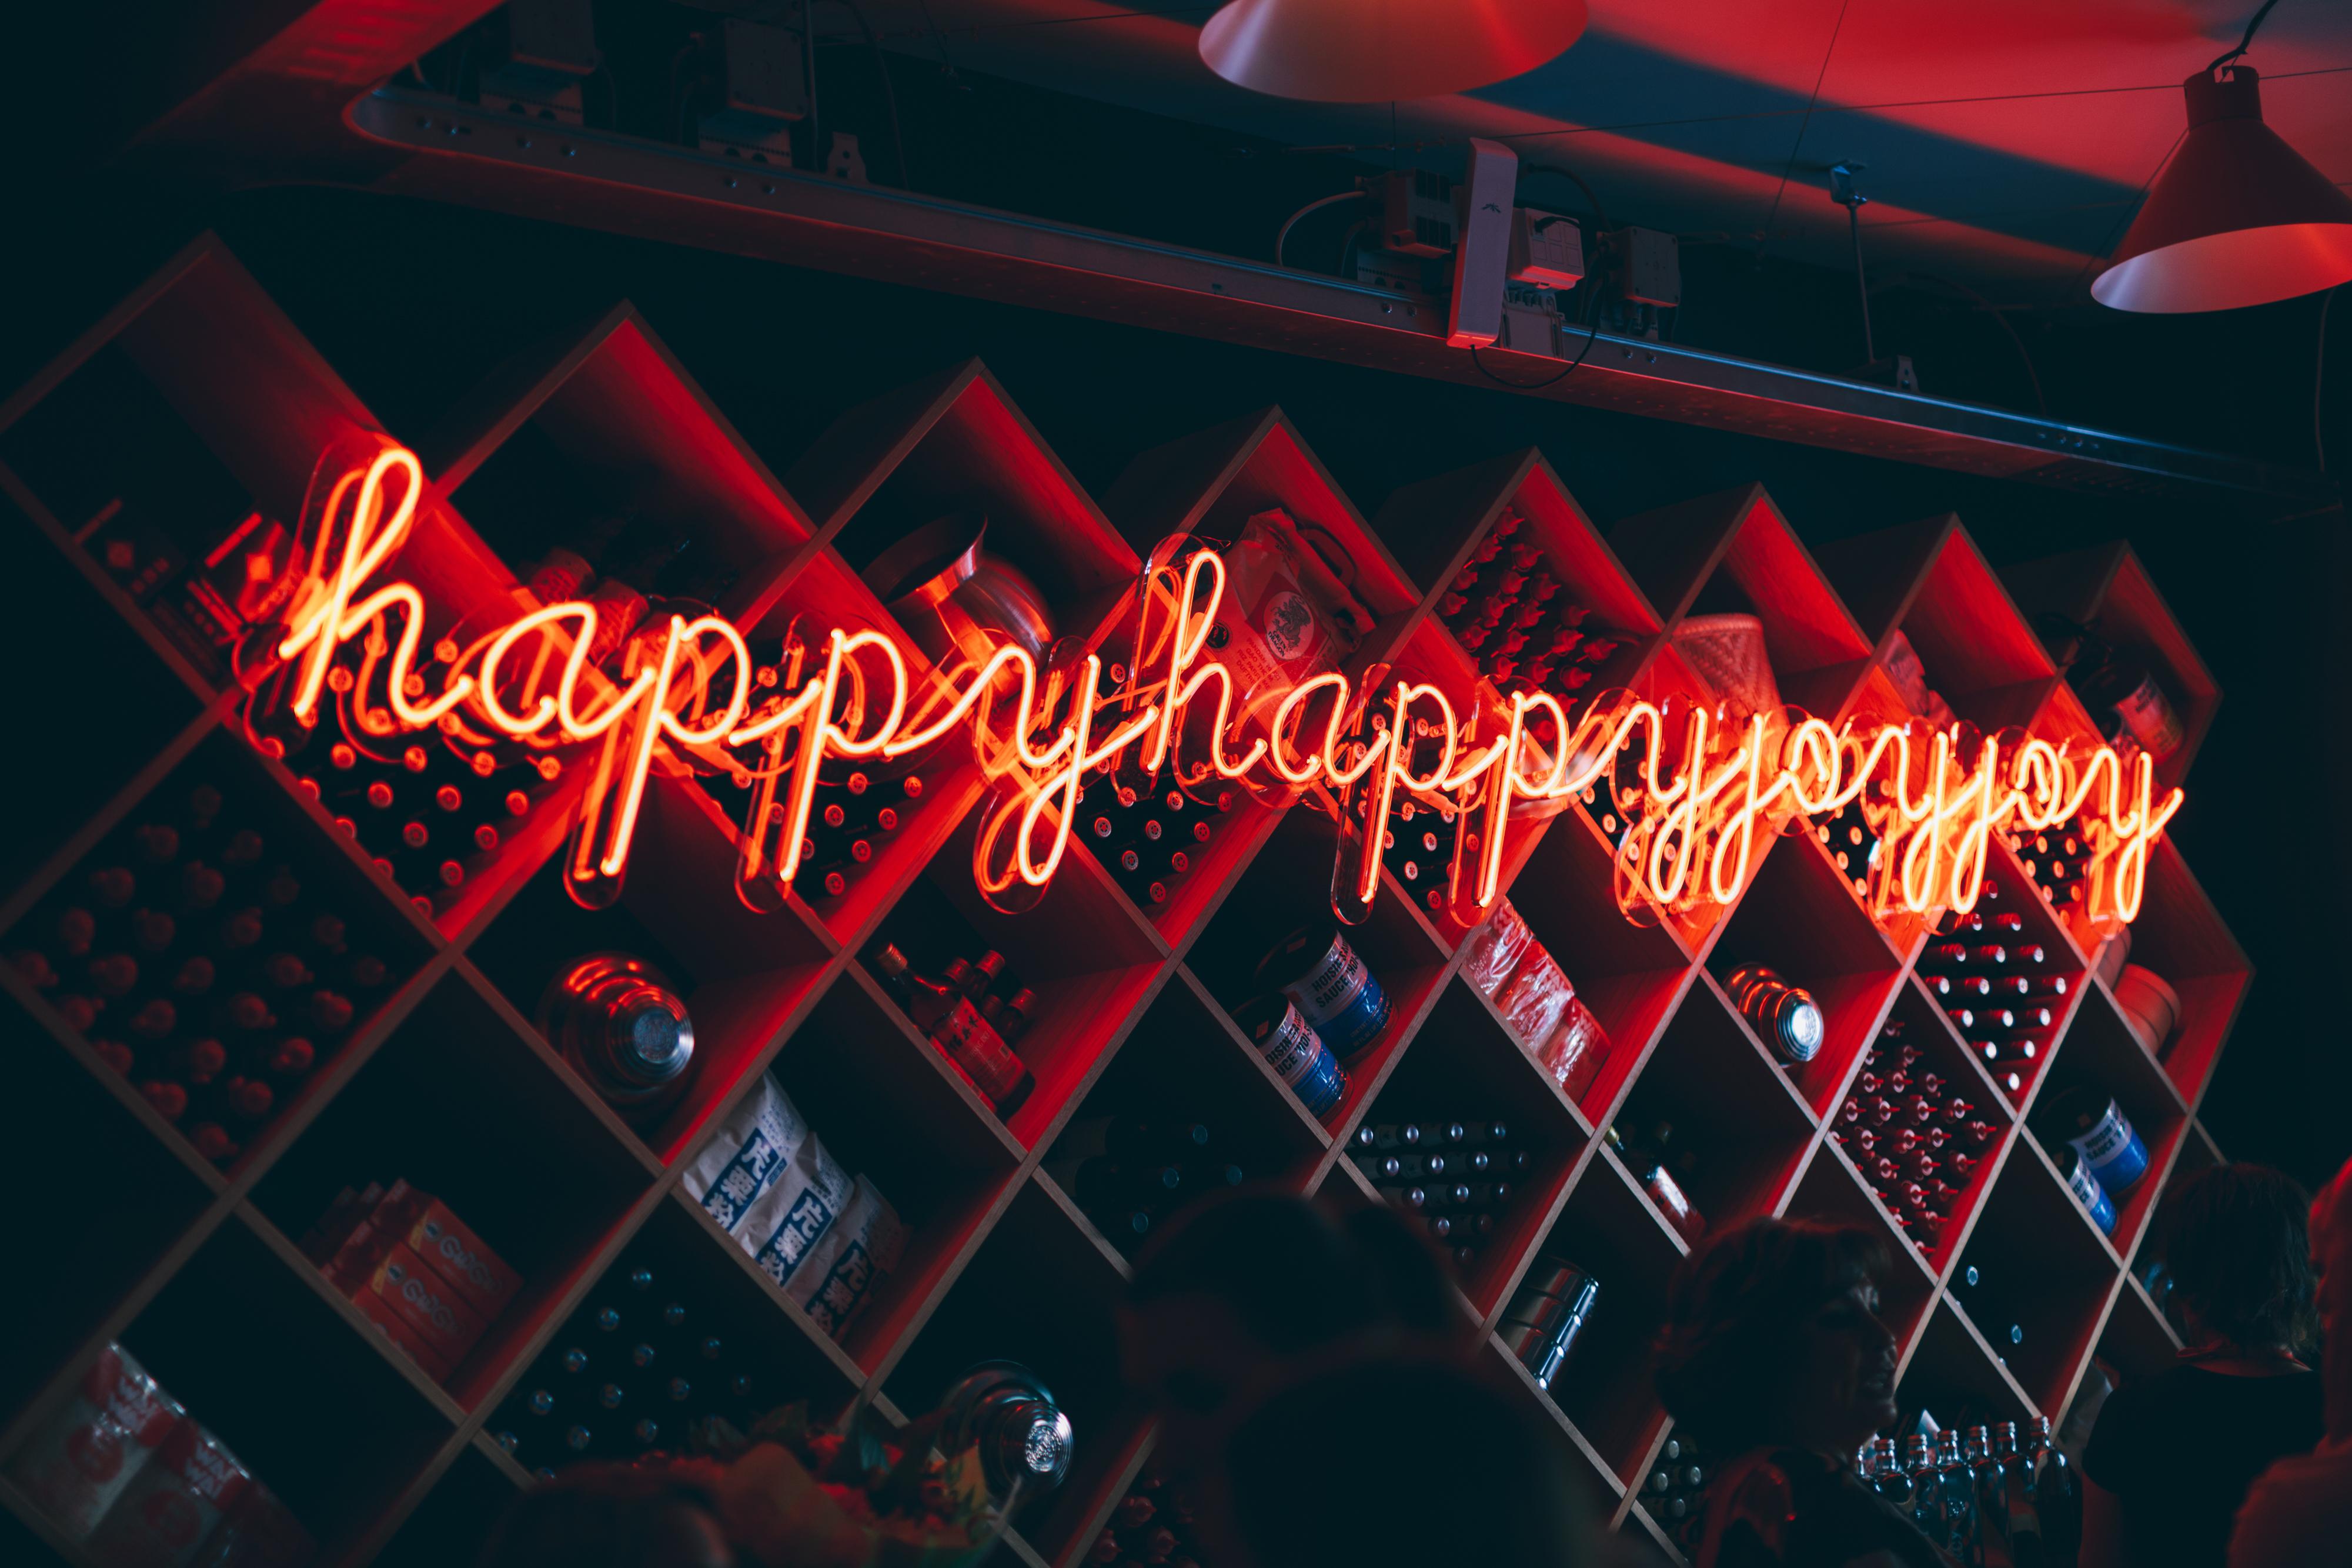 Glamourland Happyhappyjoyjoy